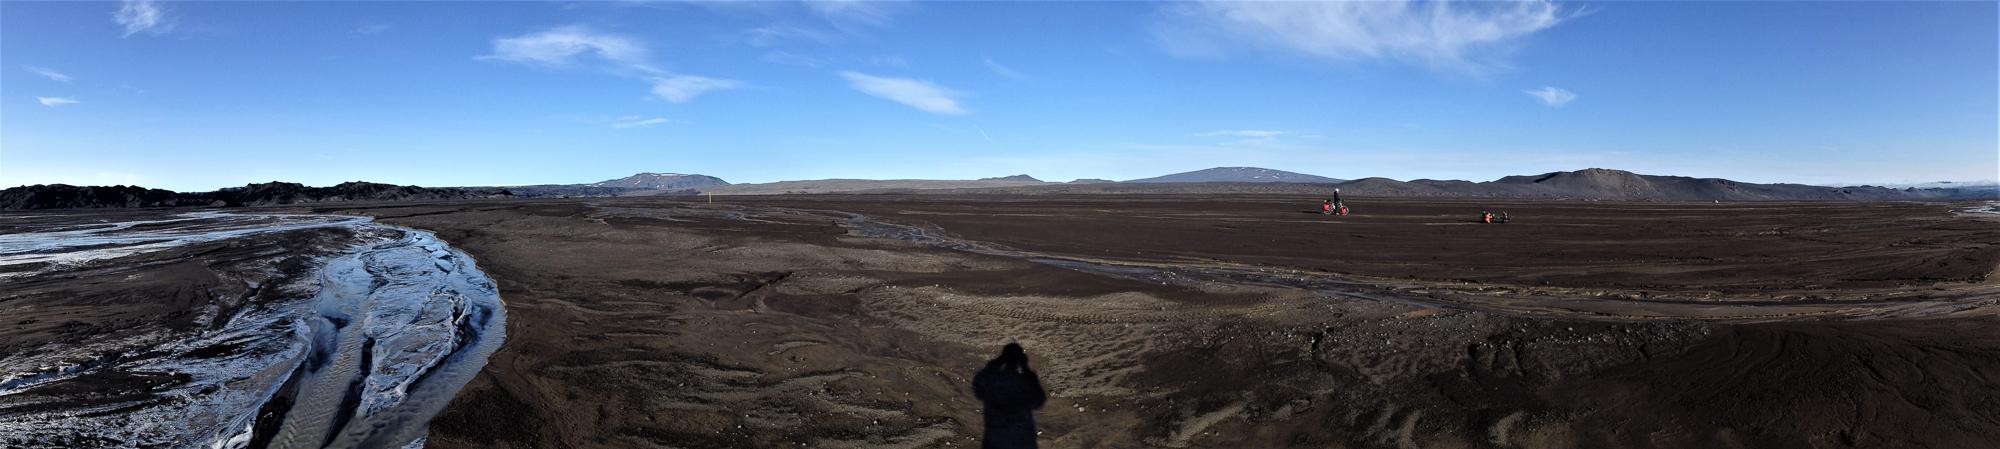 Islande à vélo | Traversée de l'outwash de Holuhraun et de la Gaesavatnaleid